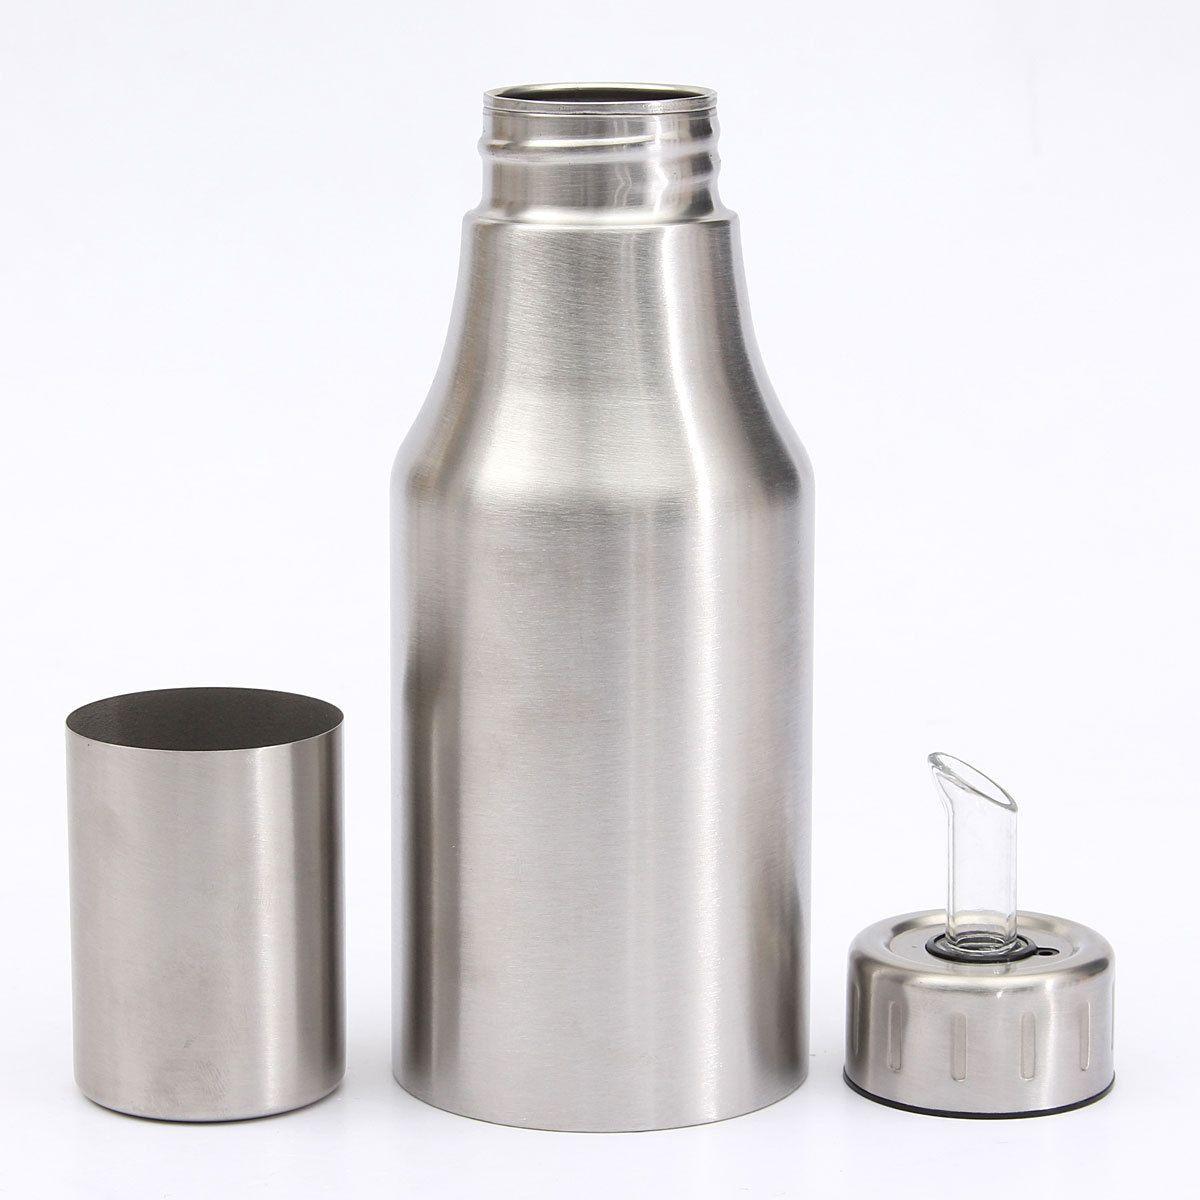 FJS-Oil vinegar oil dispenser vinegar dispenser carafe Household oil ...